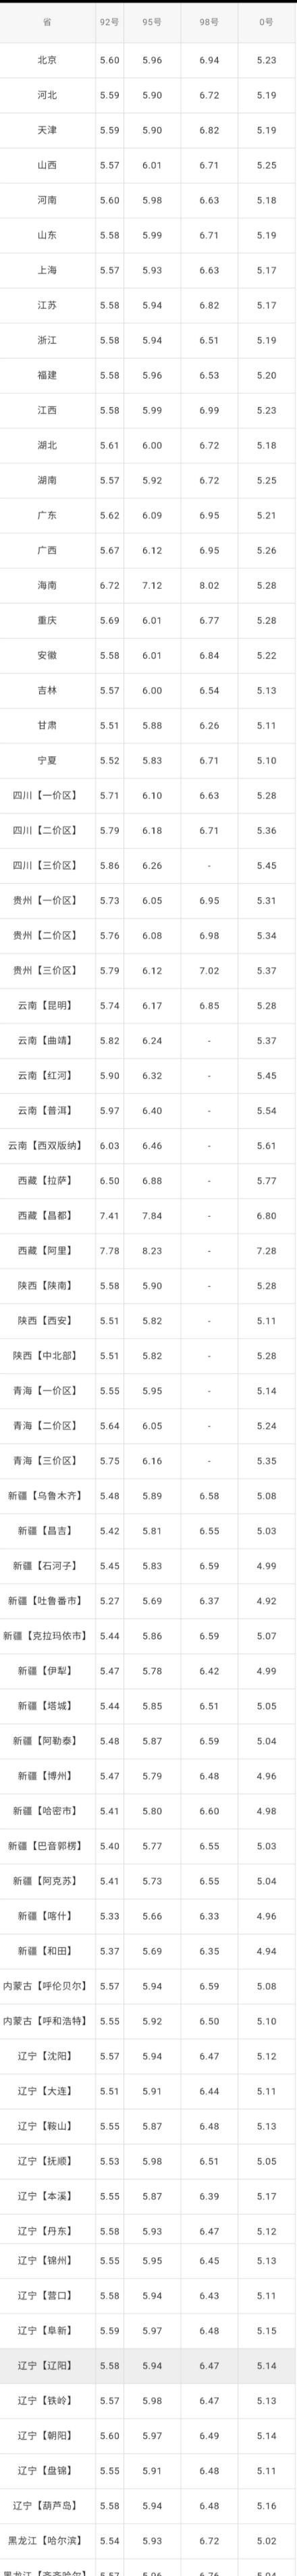 全國油價調整信息:7月9日調整后:全國92、95號汽油價格表